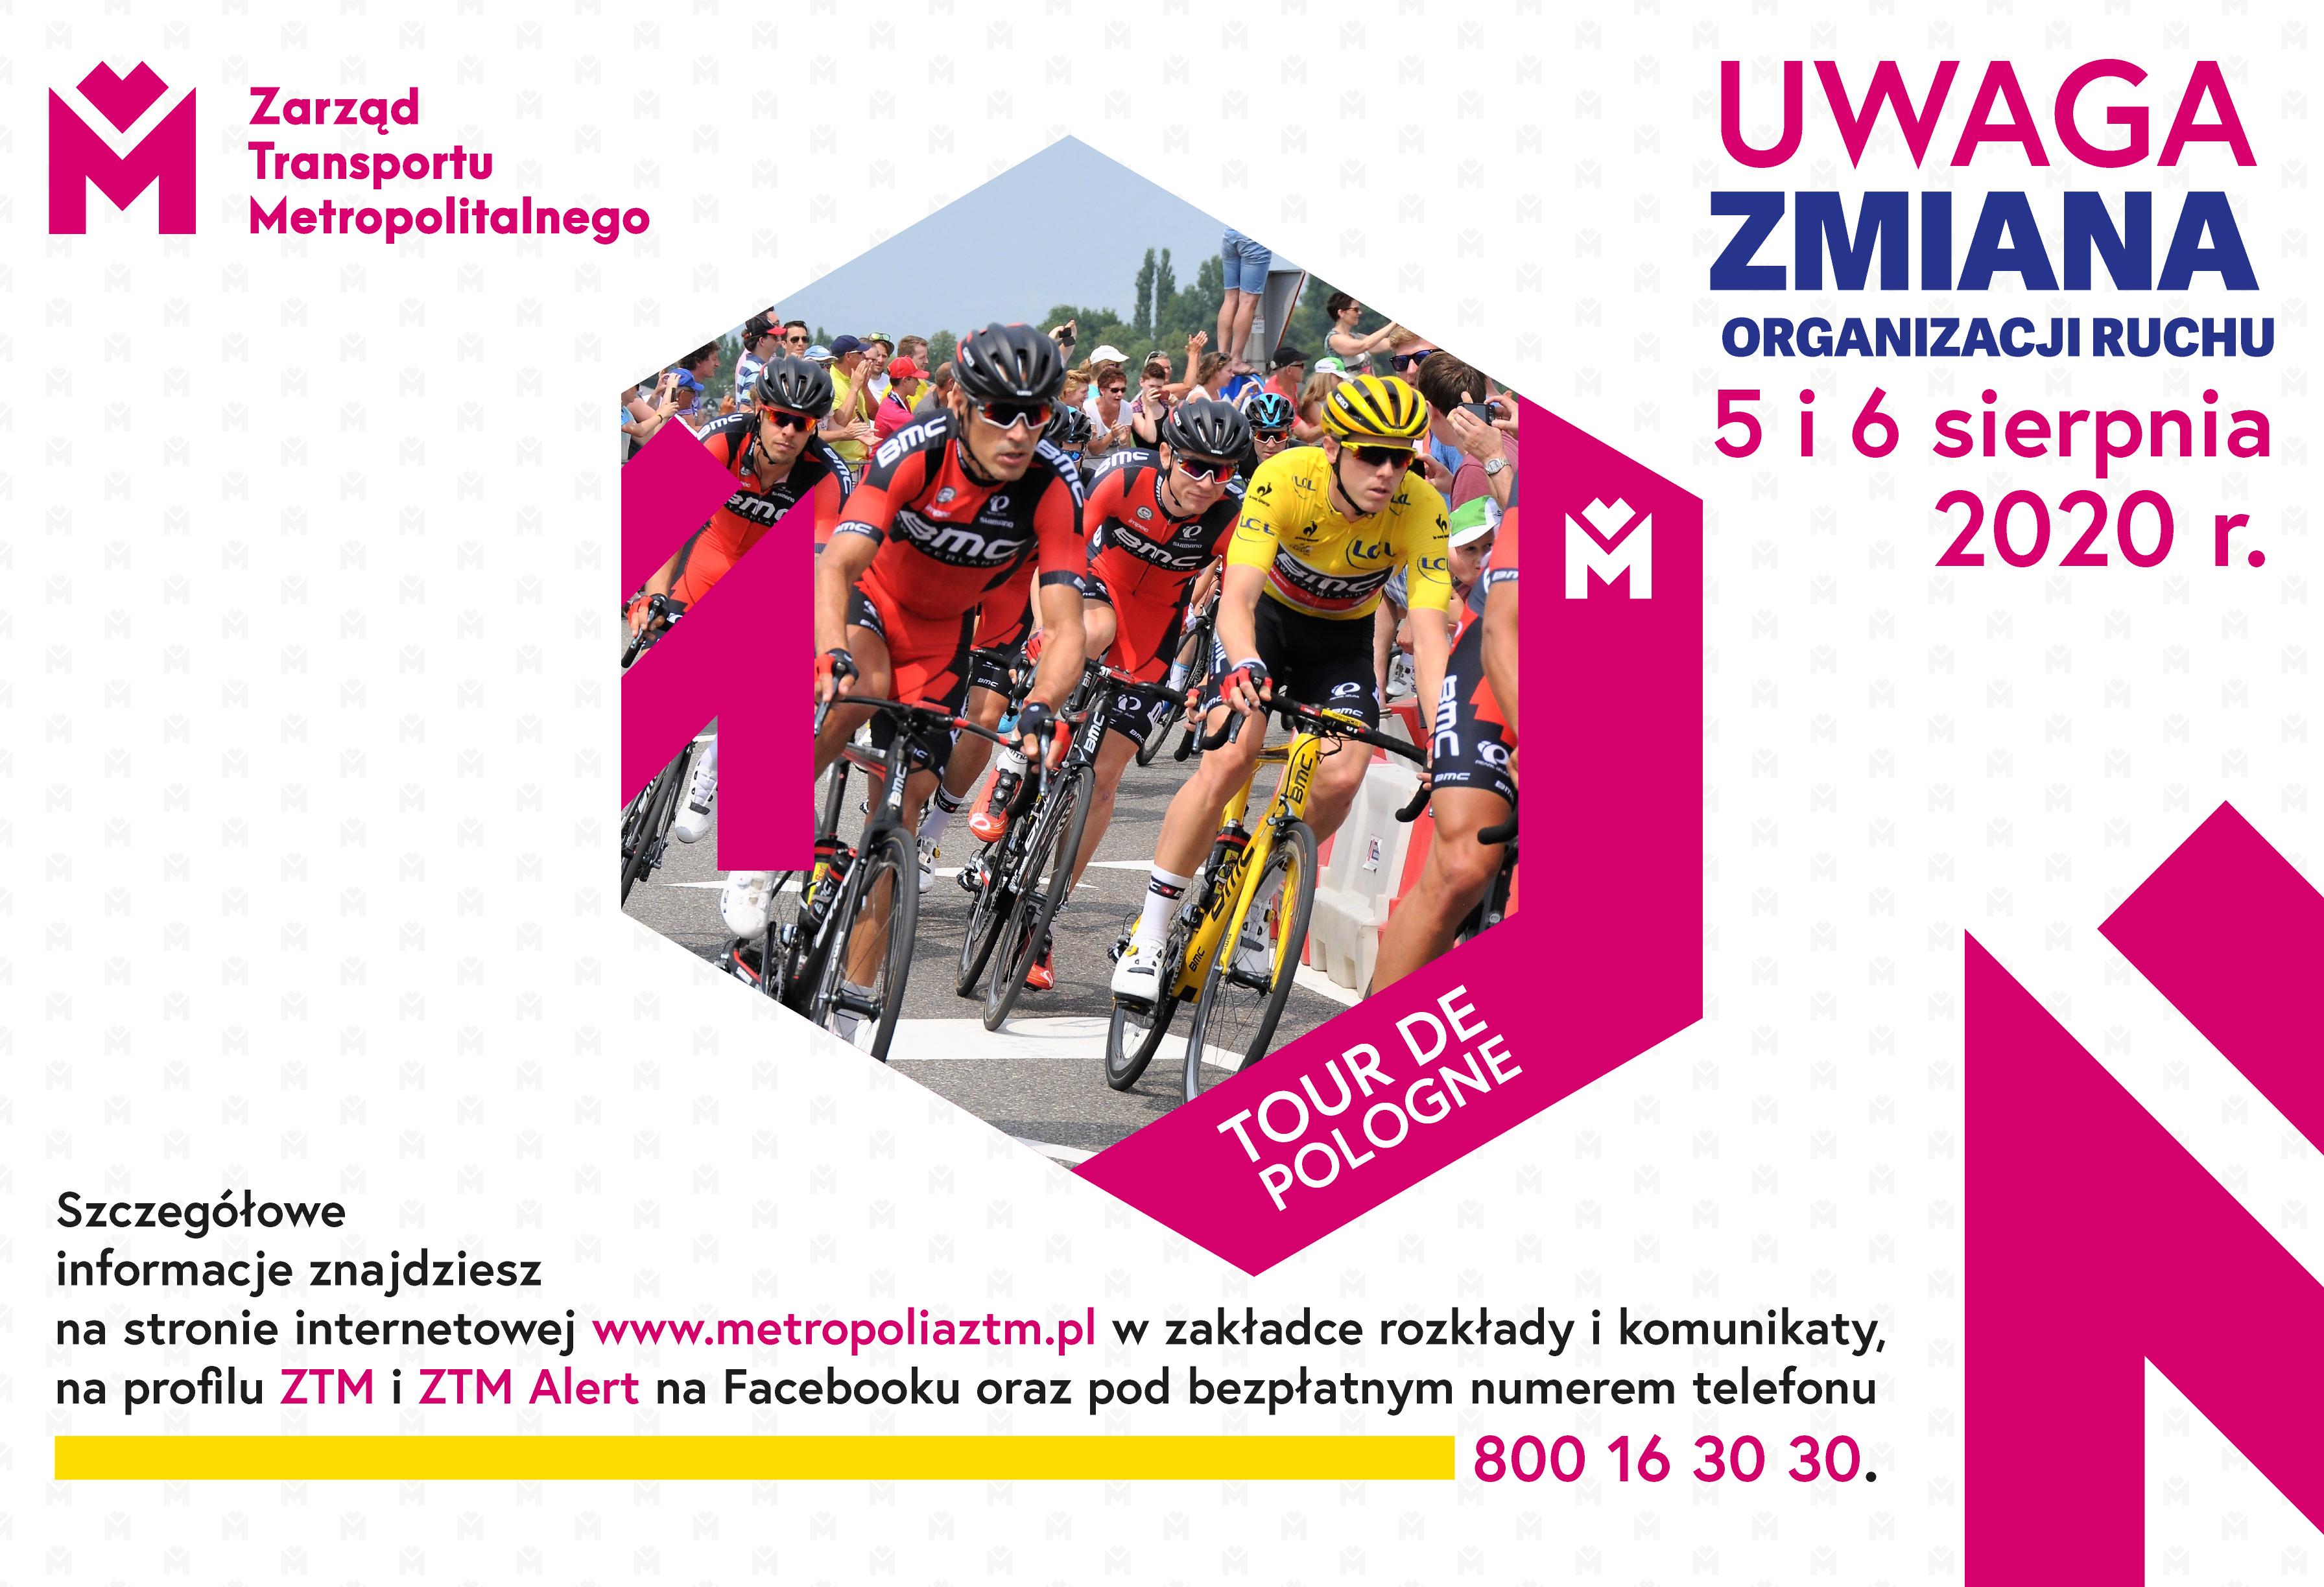 Tour de Pologne - zmiany w funkcjonowaniu komunikacji